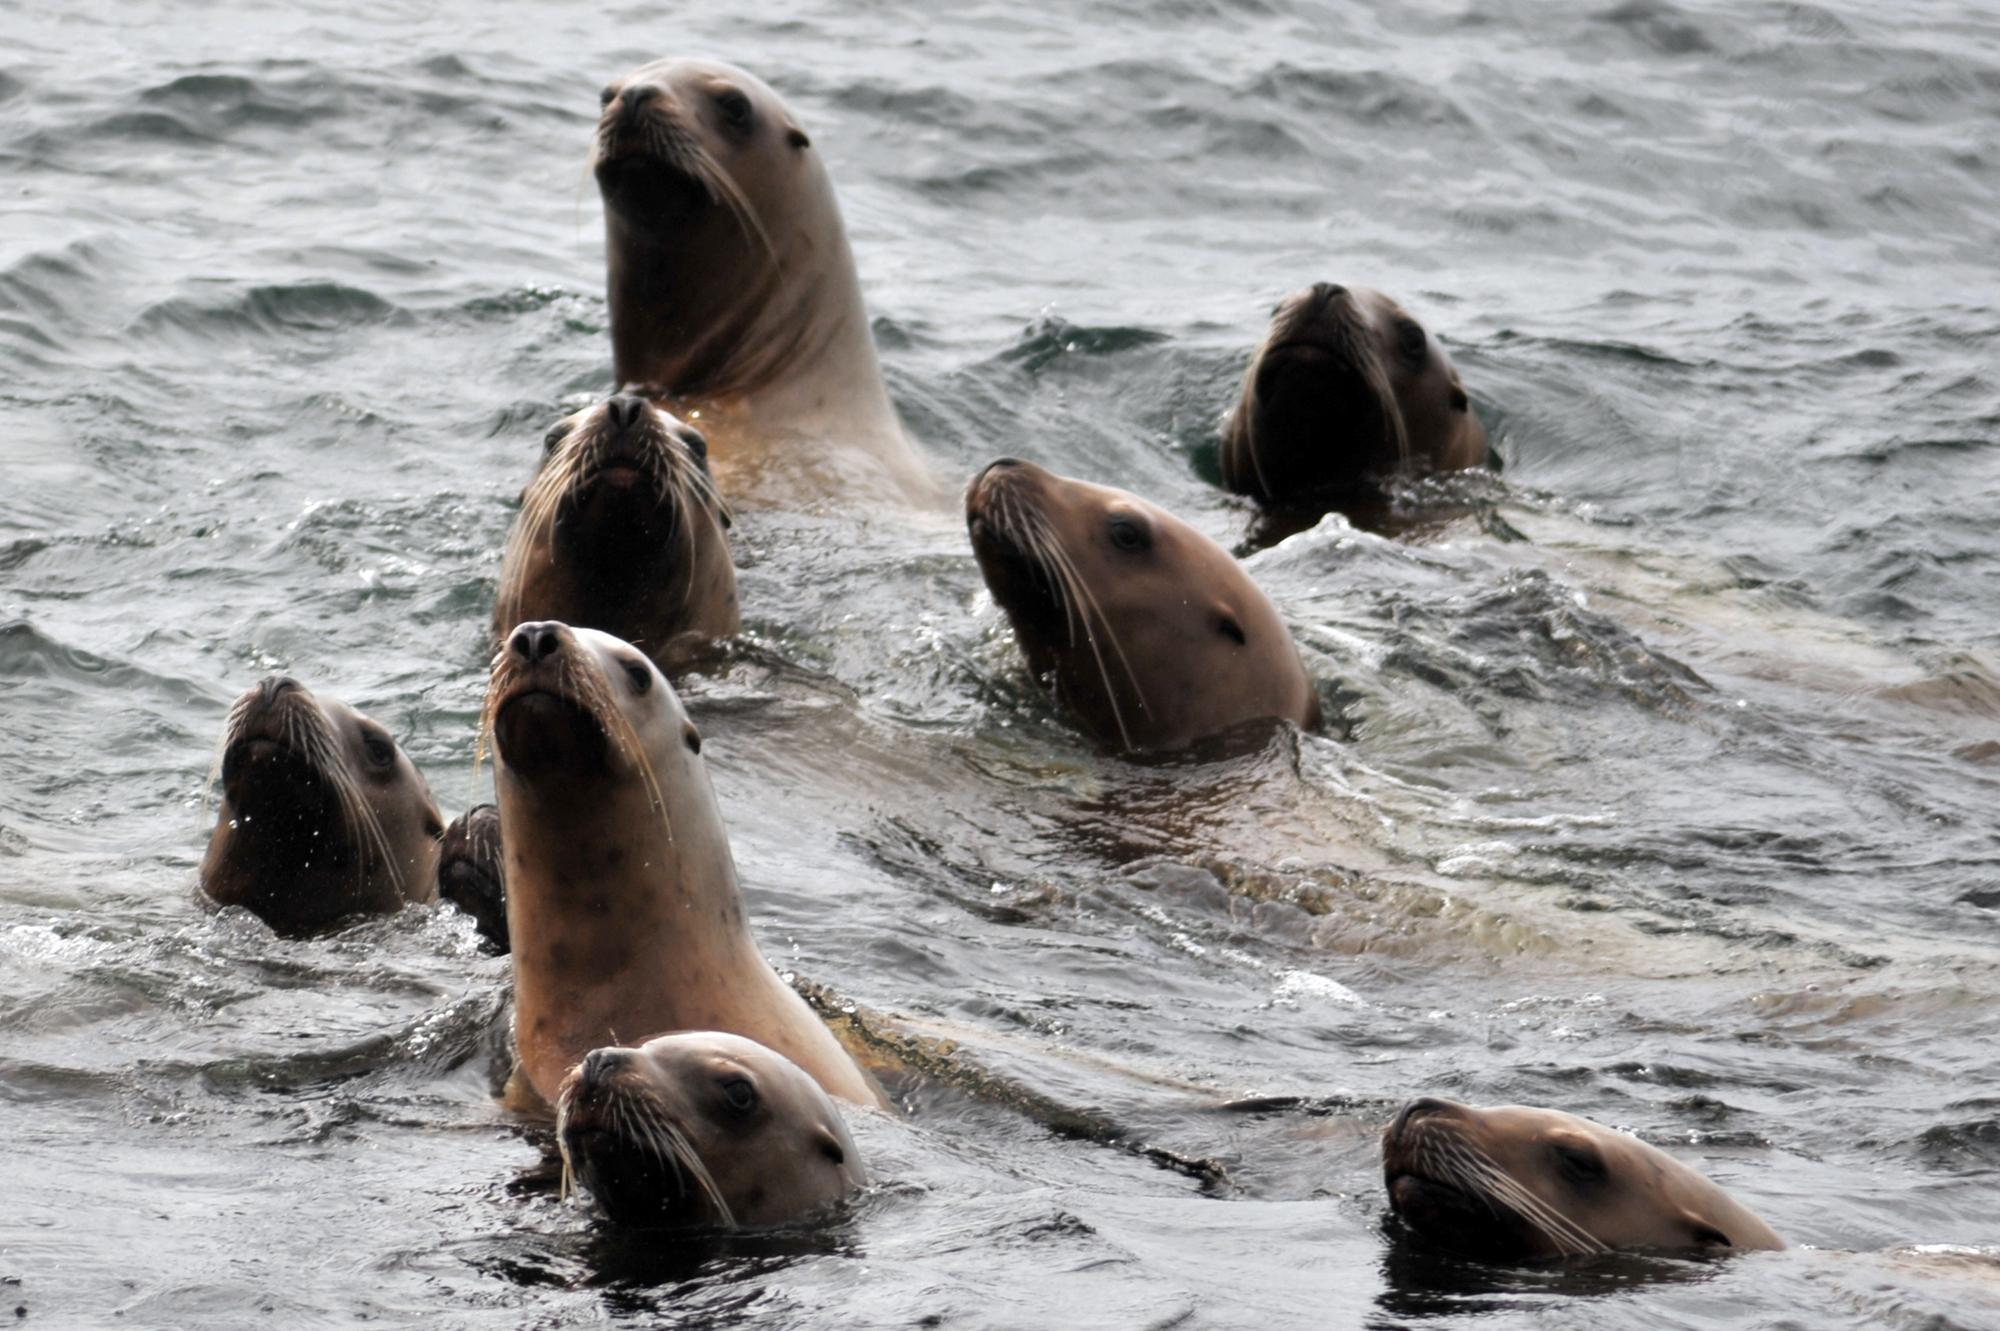 wildife tours Vancouver Island